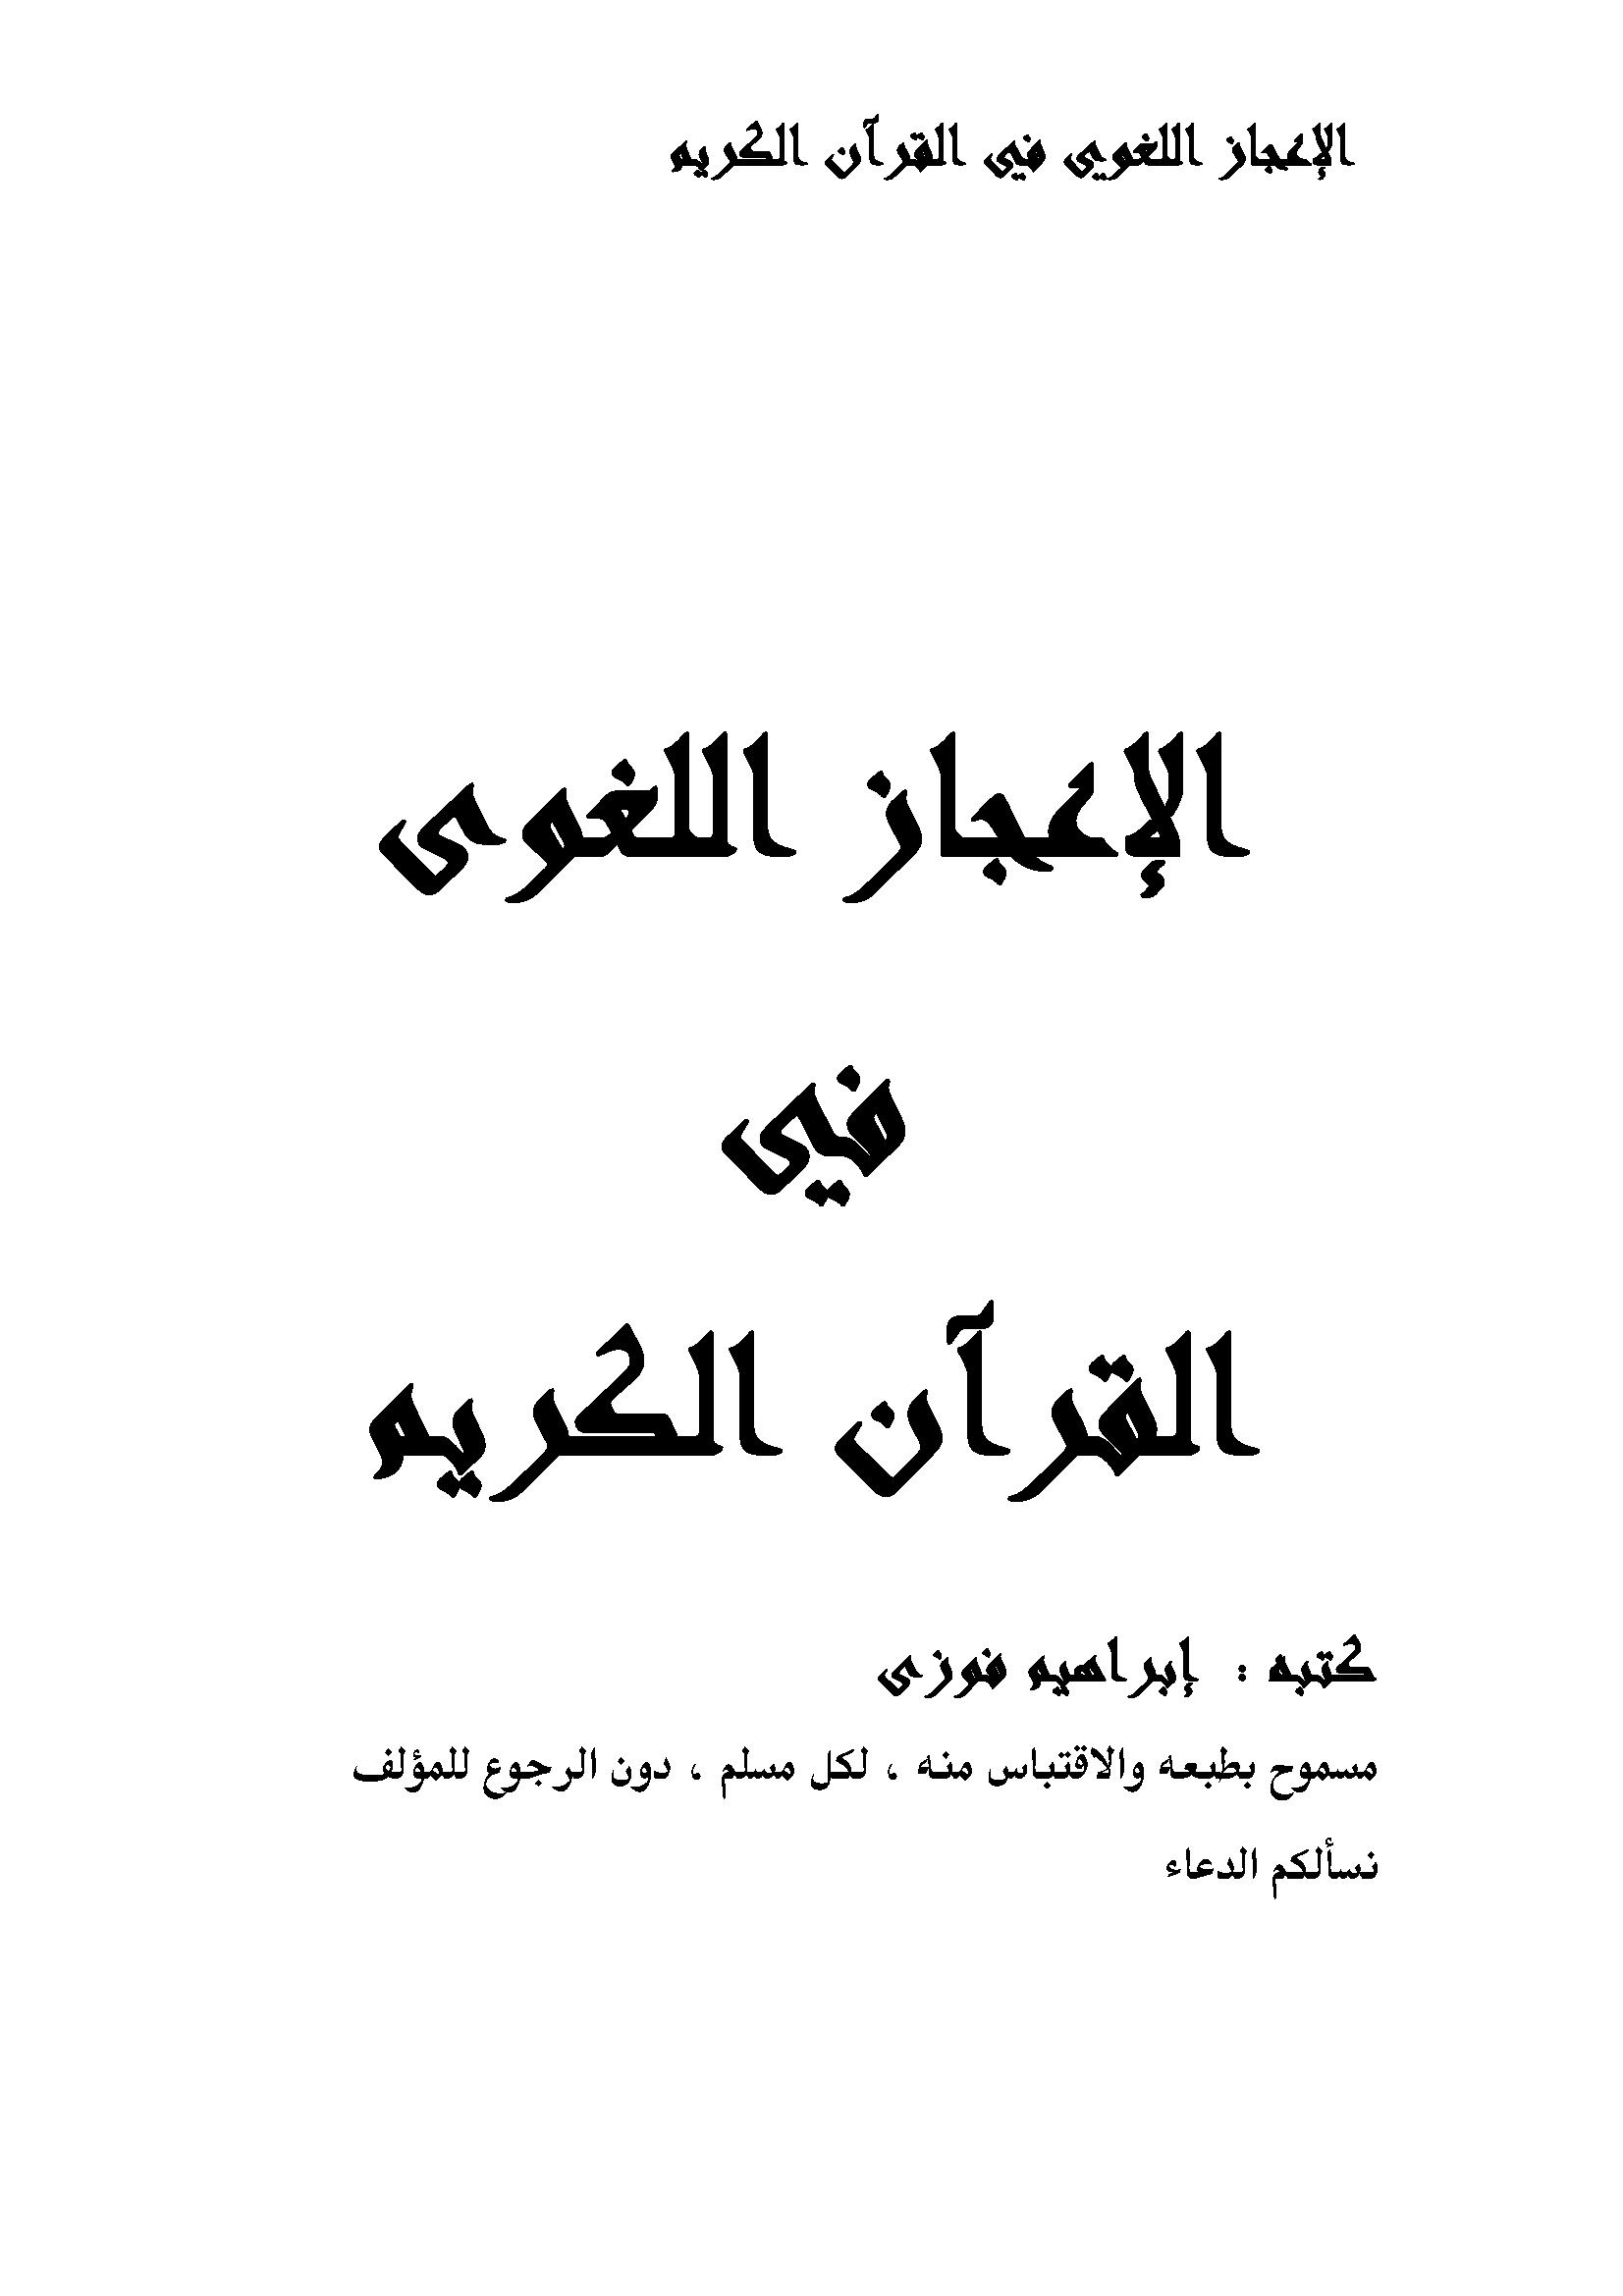 تحميل كتاب الإعجاز اللغوي في القرآن الكريم لـِ: إبراهيم فوزي